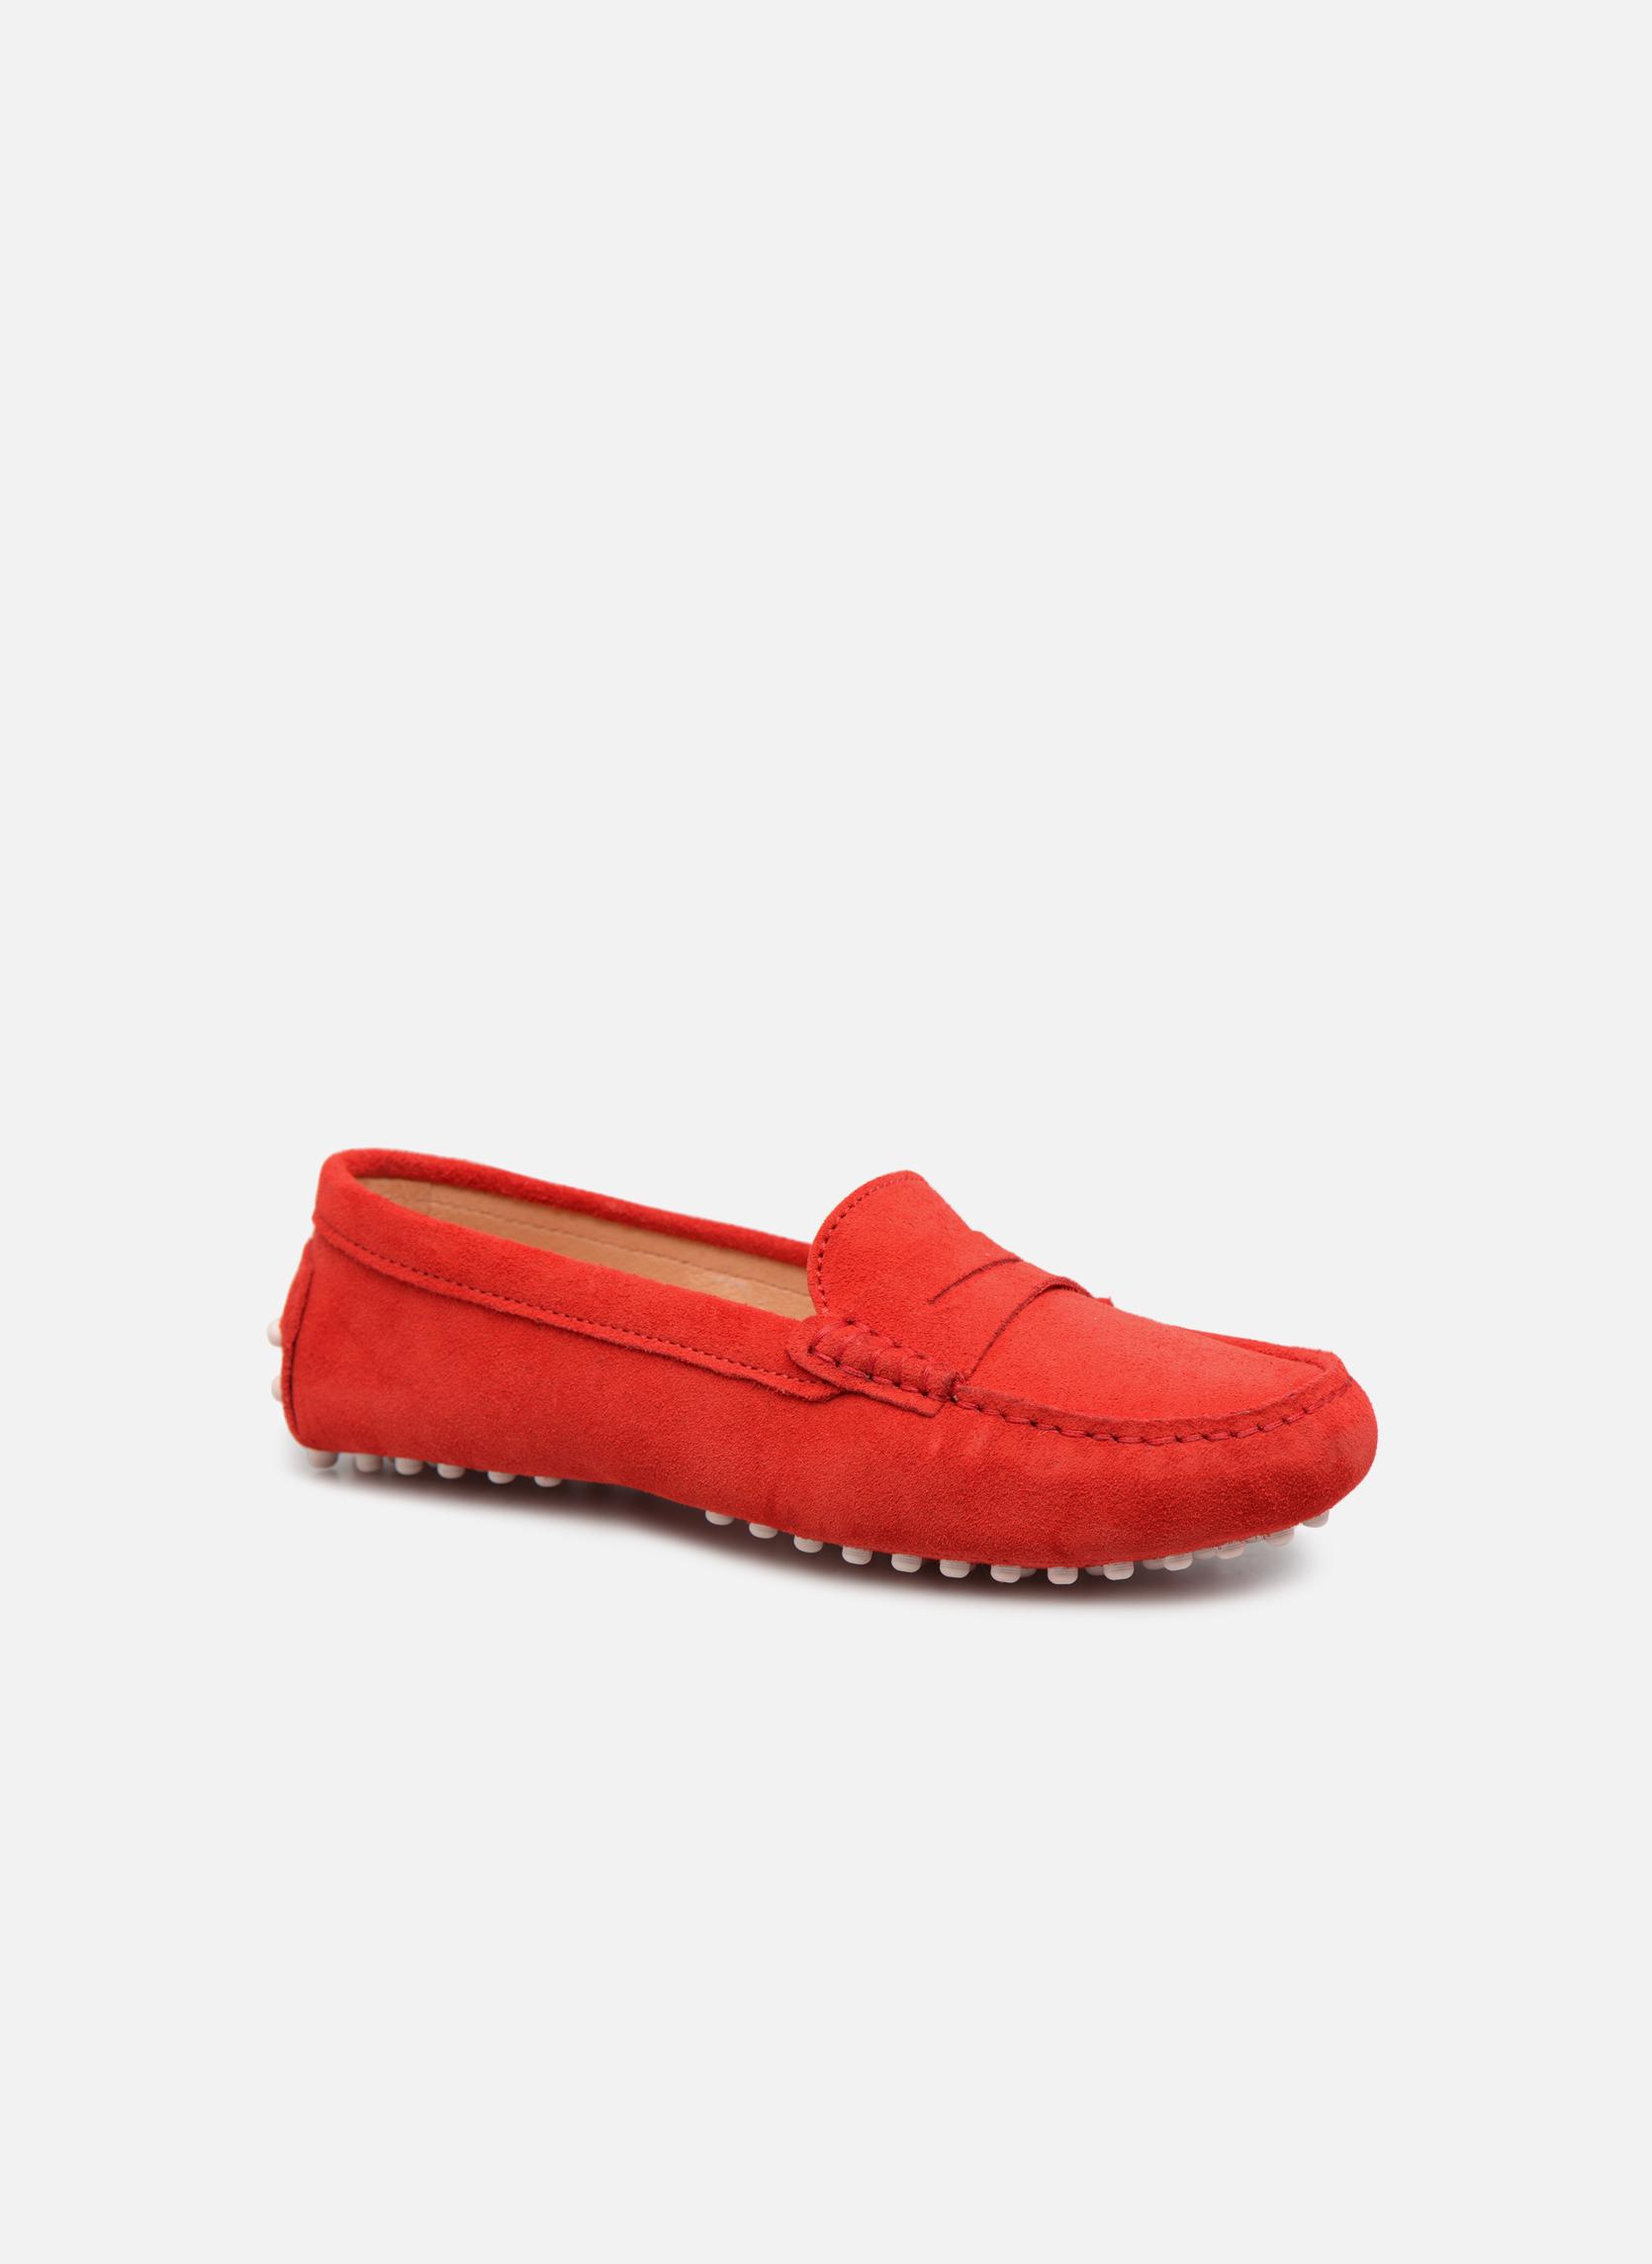 Grandes descuentos últimos zapatos Georgia Rose Stalimac (Rojo) - Mocasines Descuento